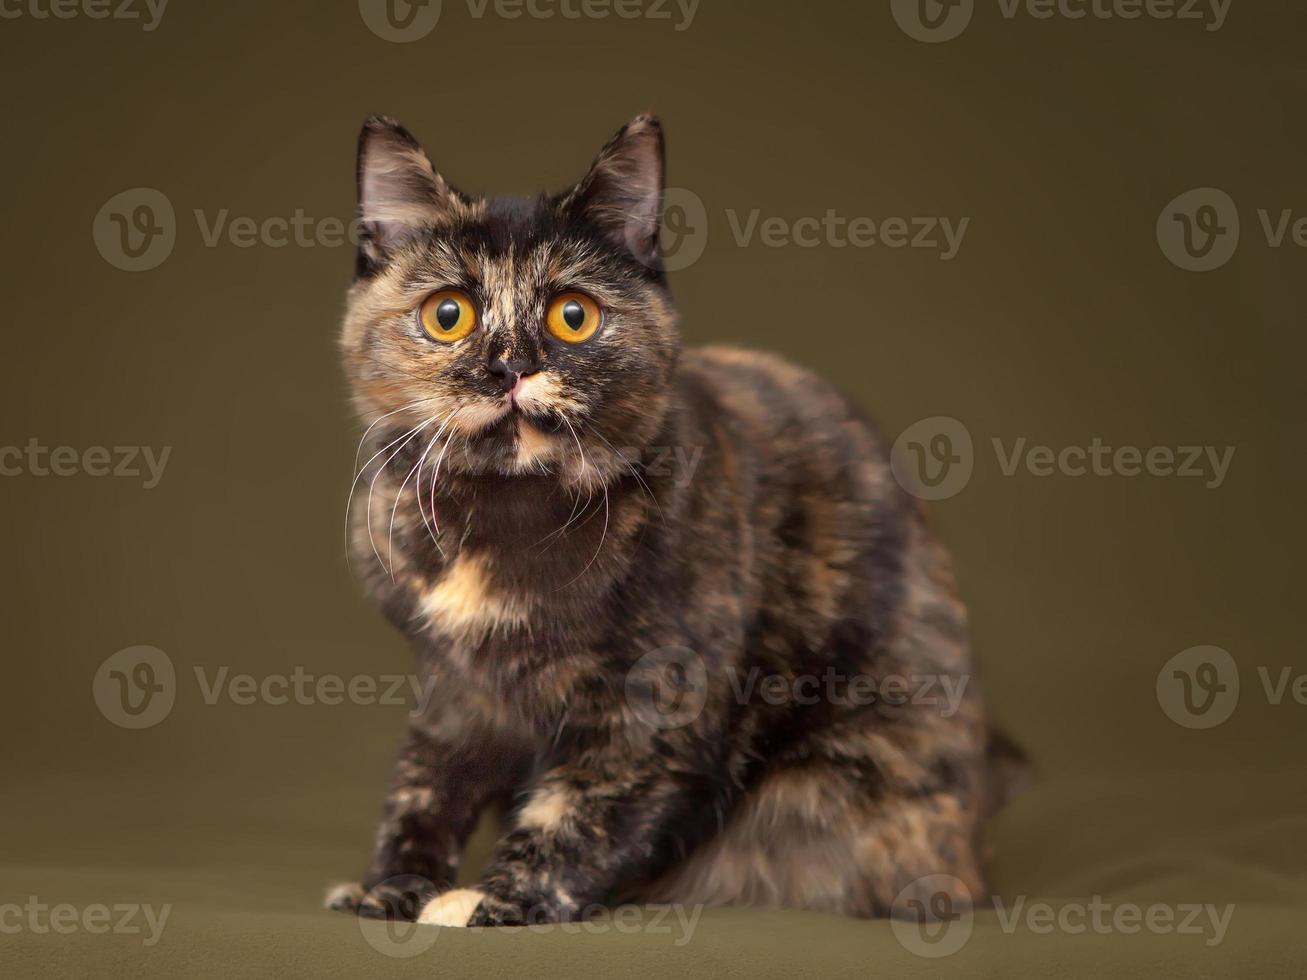 bellissimo gatto guscio di tartaruga con gli occhi gialli foto